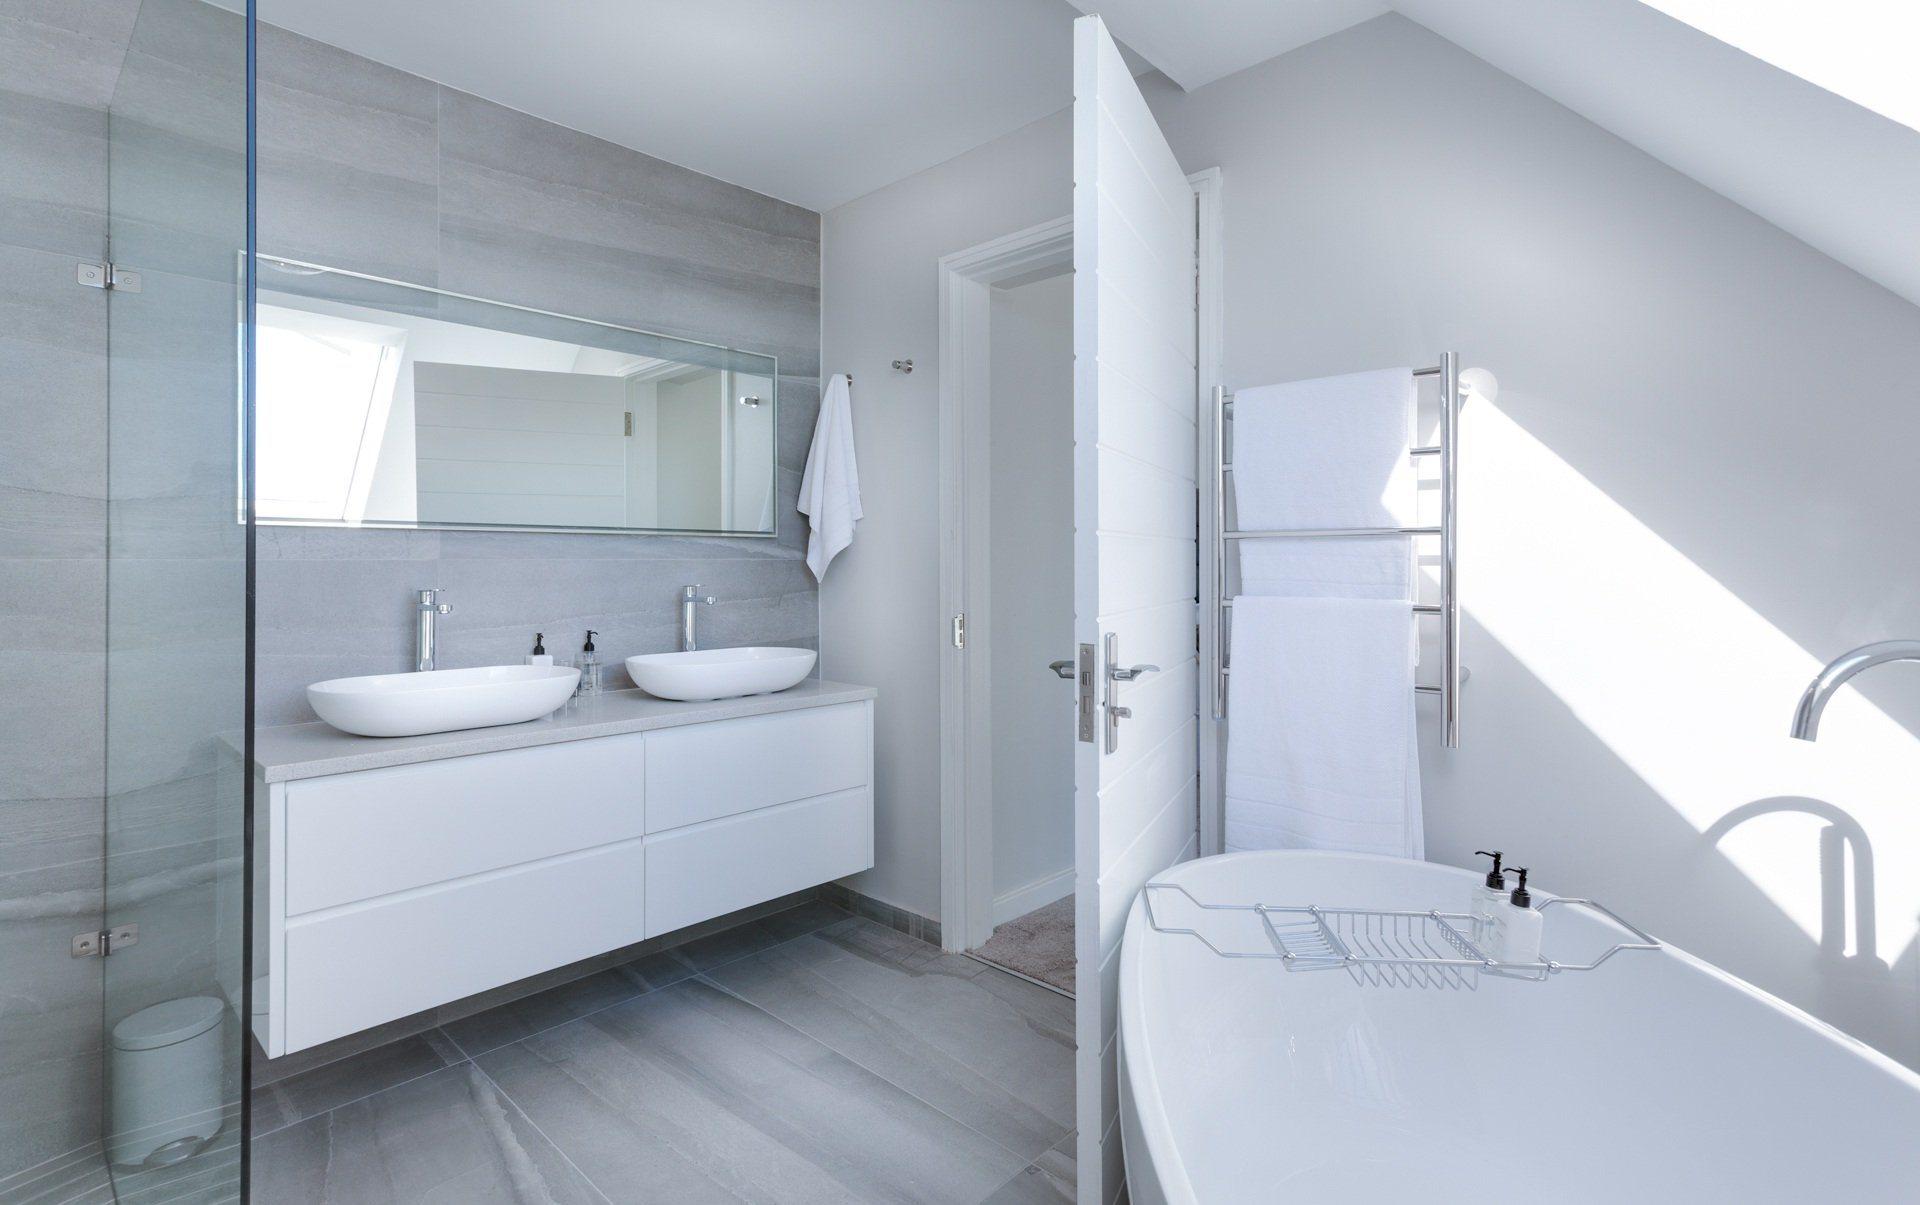 Maisons + Terrains du constructeur HESTIA HOME CONCEPT • 95 m² • SAINT ORENS DE GAMEVILLE